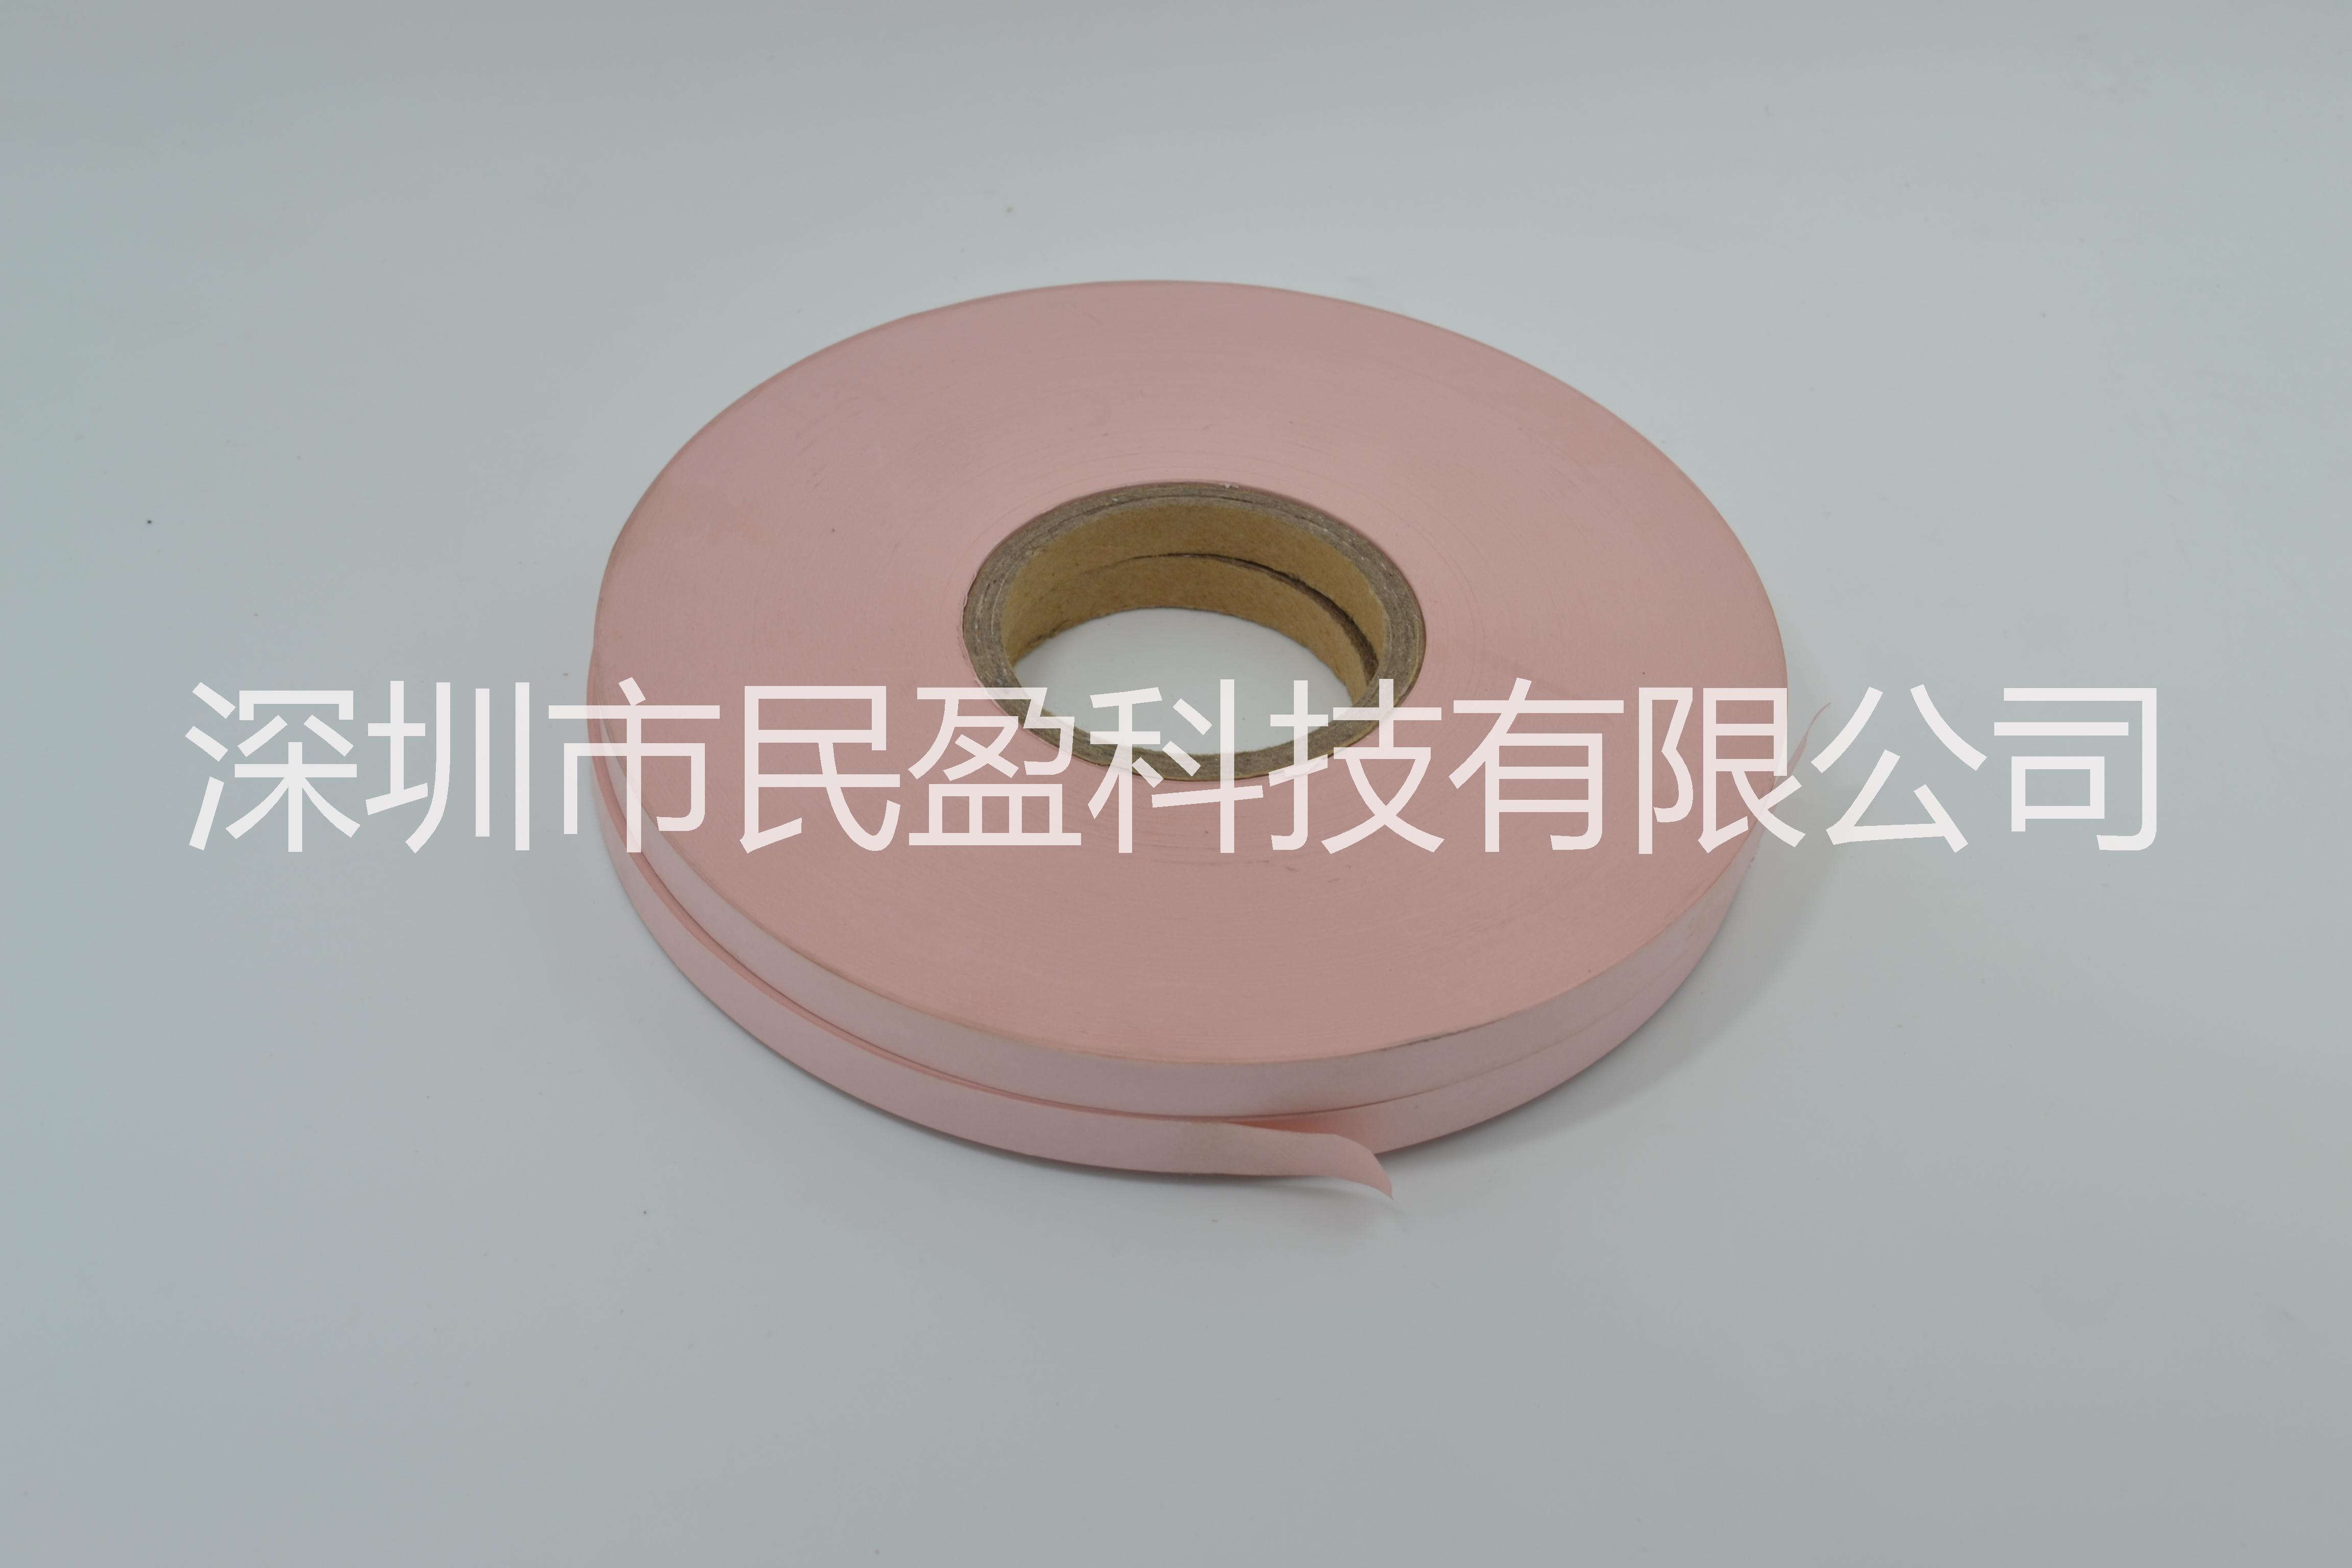 供应伺服卷筒纸分切机 台湾记令纸进口双胶纸材质 可开增票整箱购买更优惠